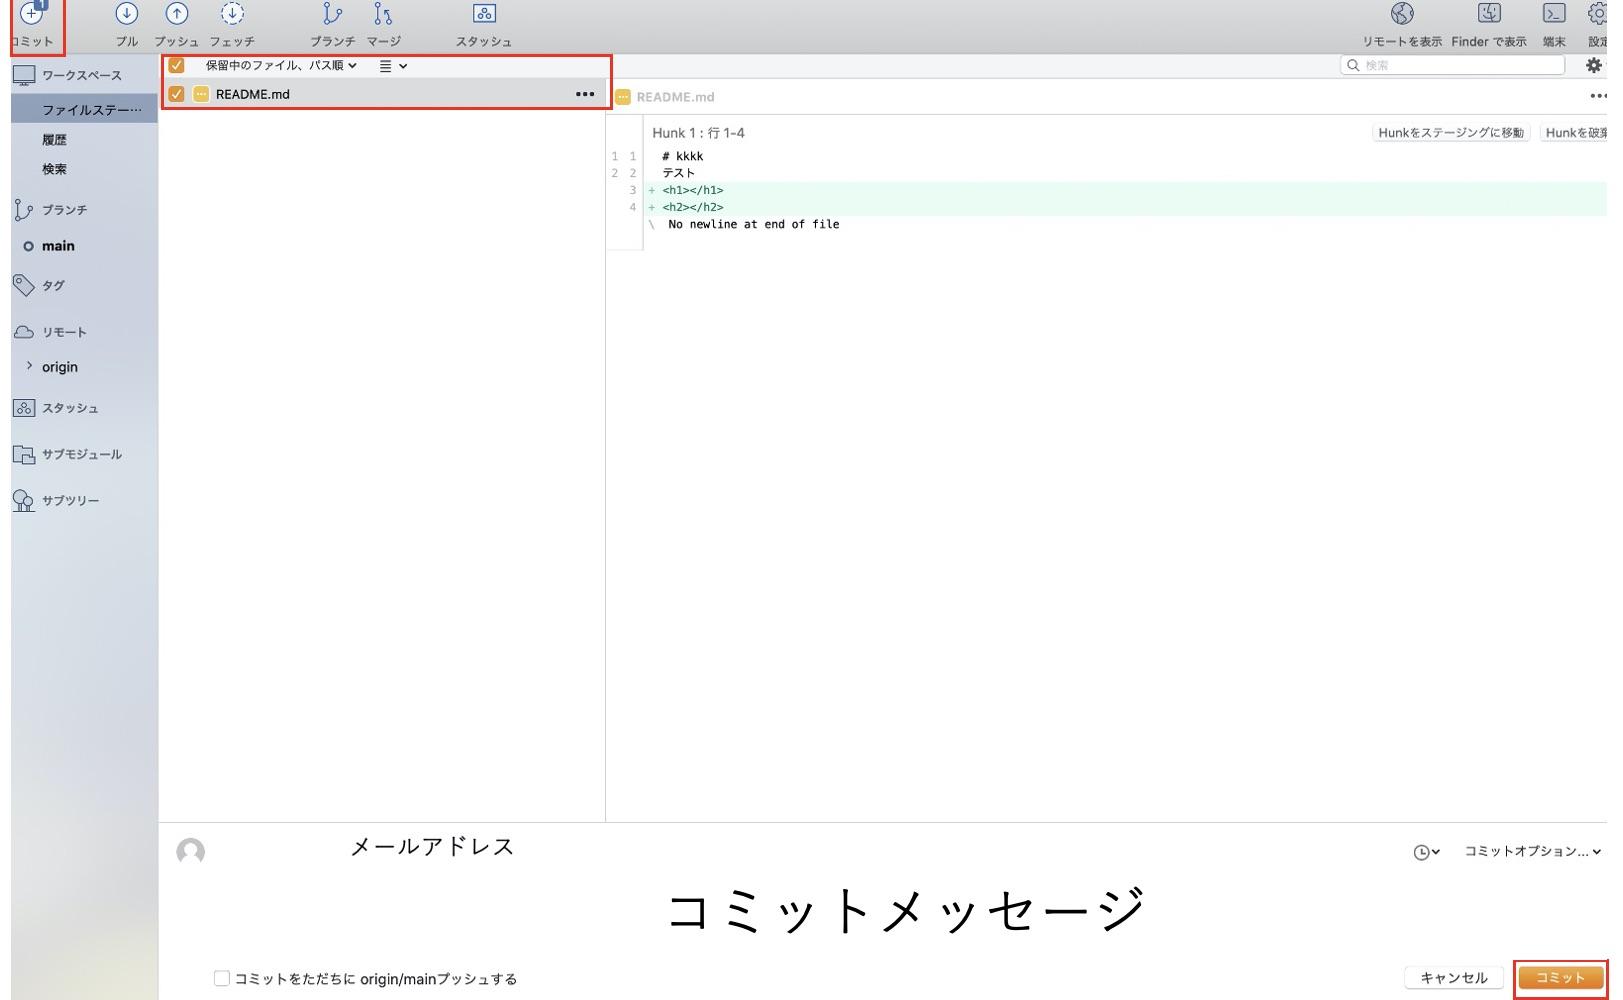 インデックスに追加されたファイルをコミットする